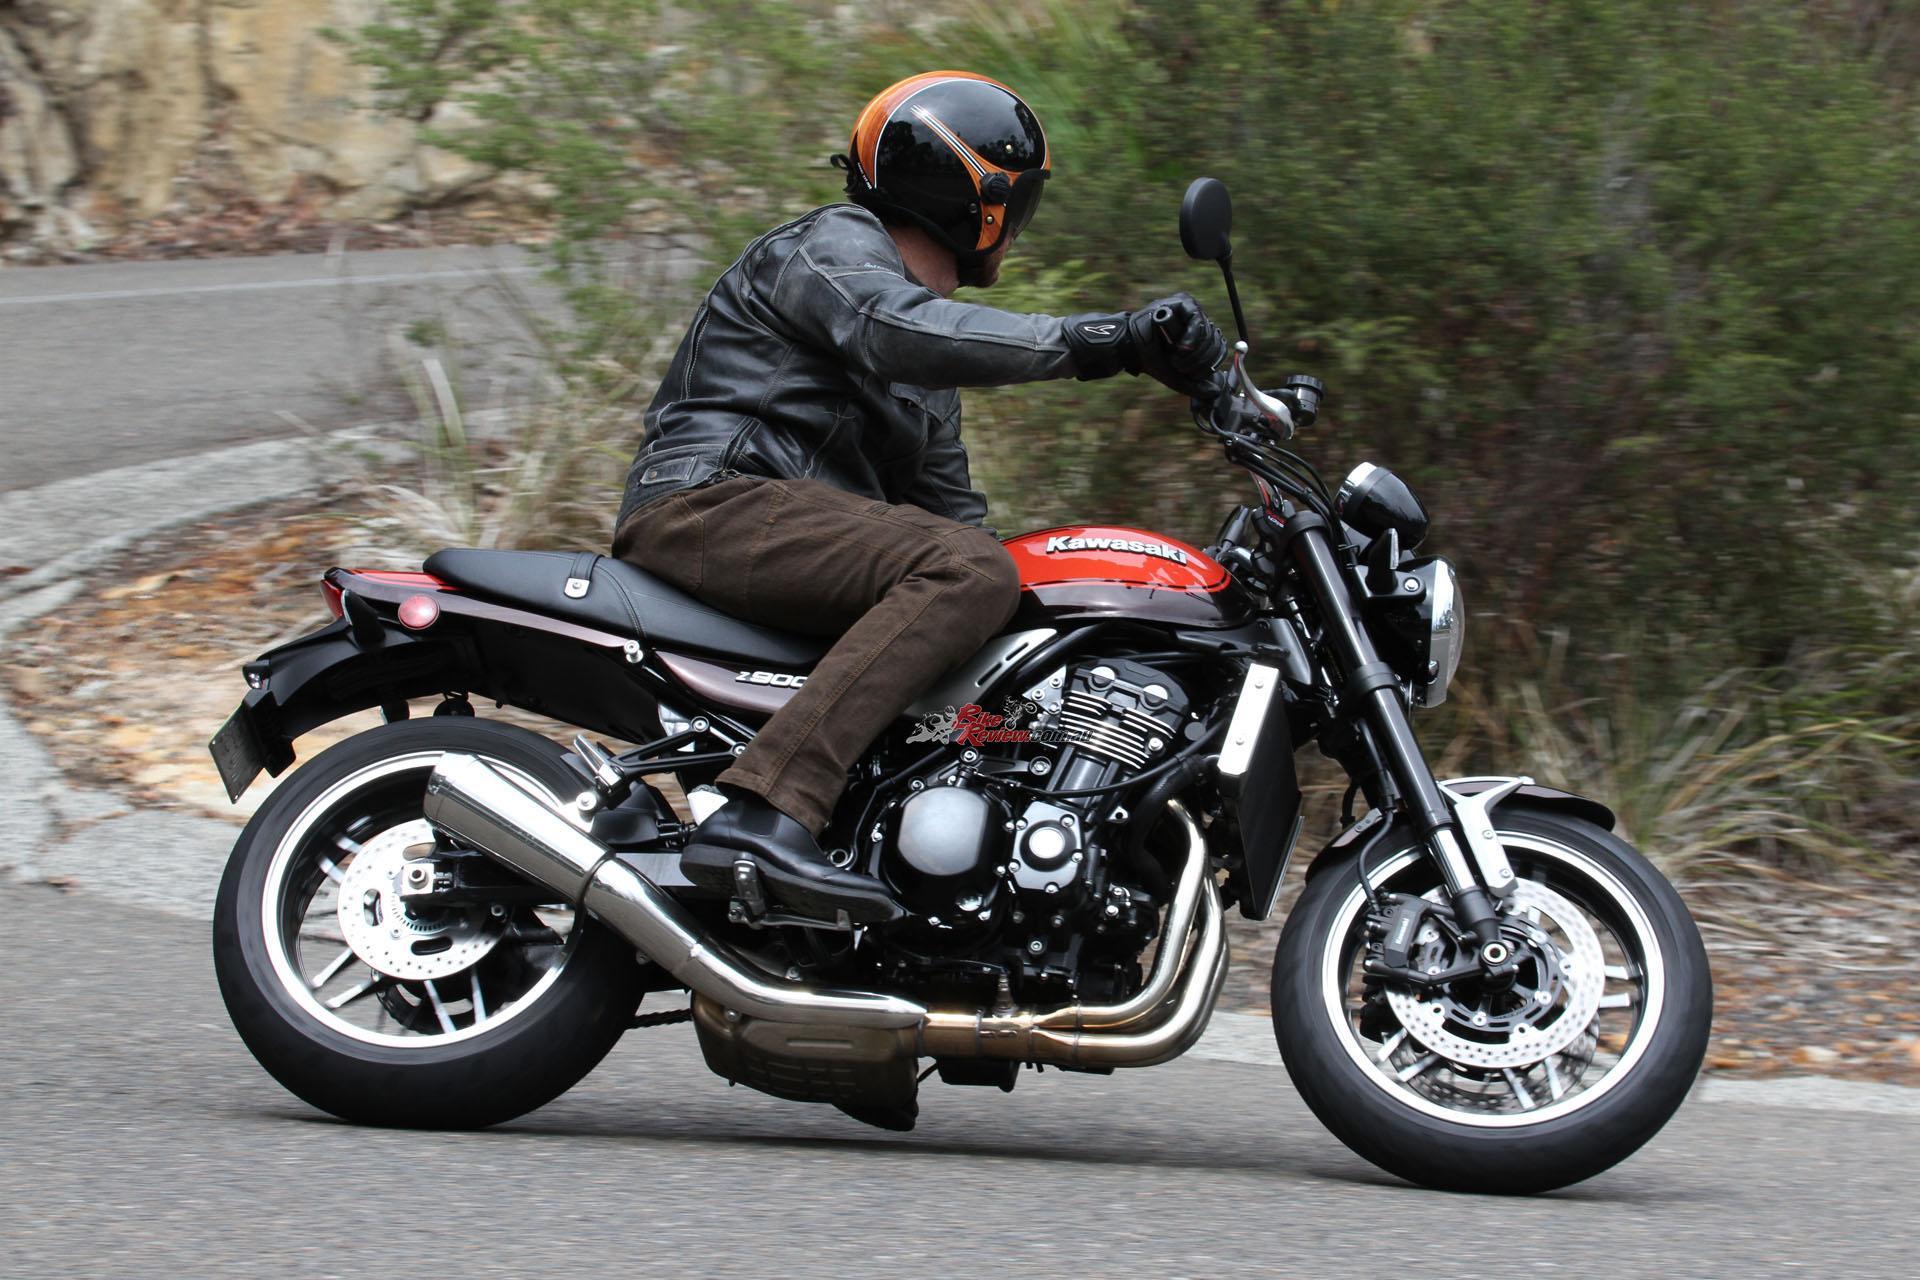 Review: 2014 Yamaha MT-07 LAMS Australian Launch - Bike Review